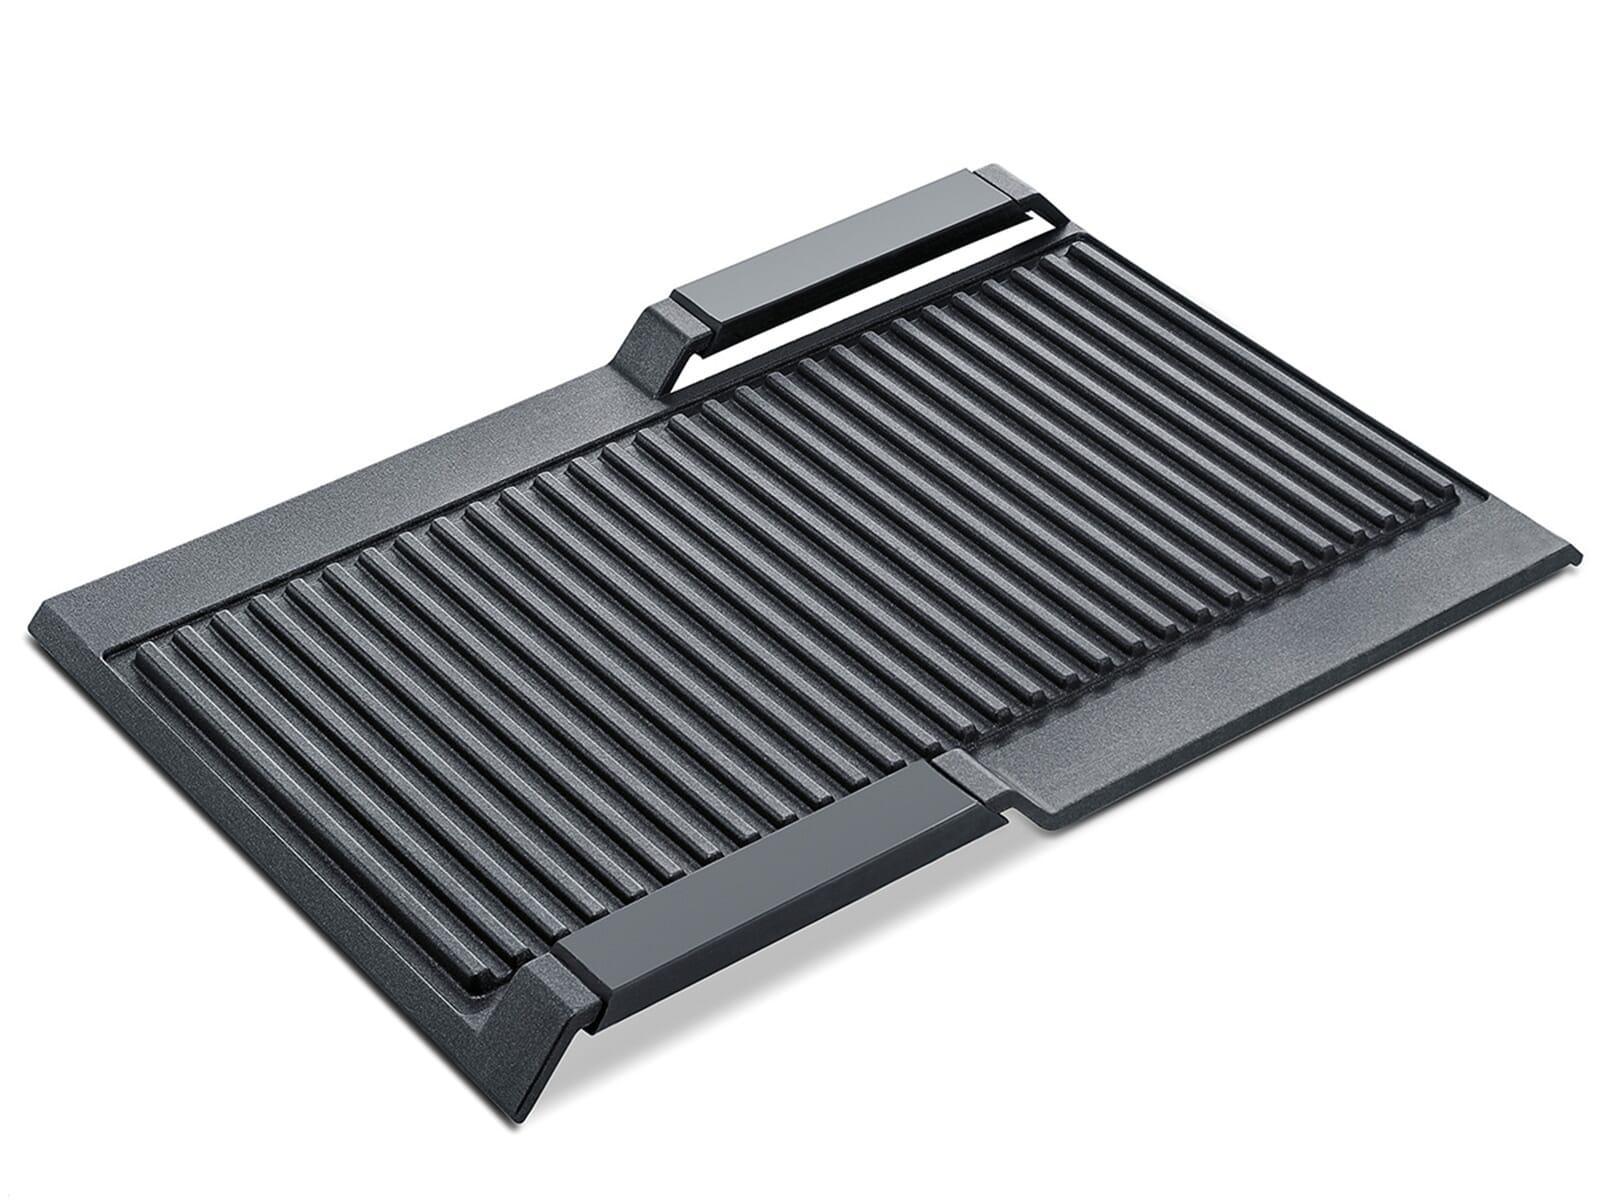 siemens hz390522 grillplatte fur 13490 eur shop